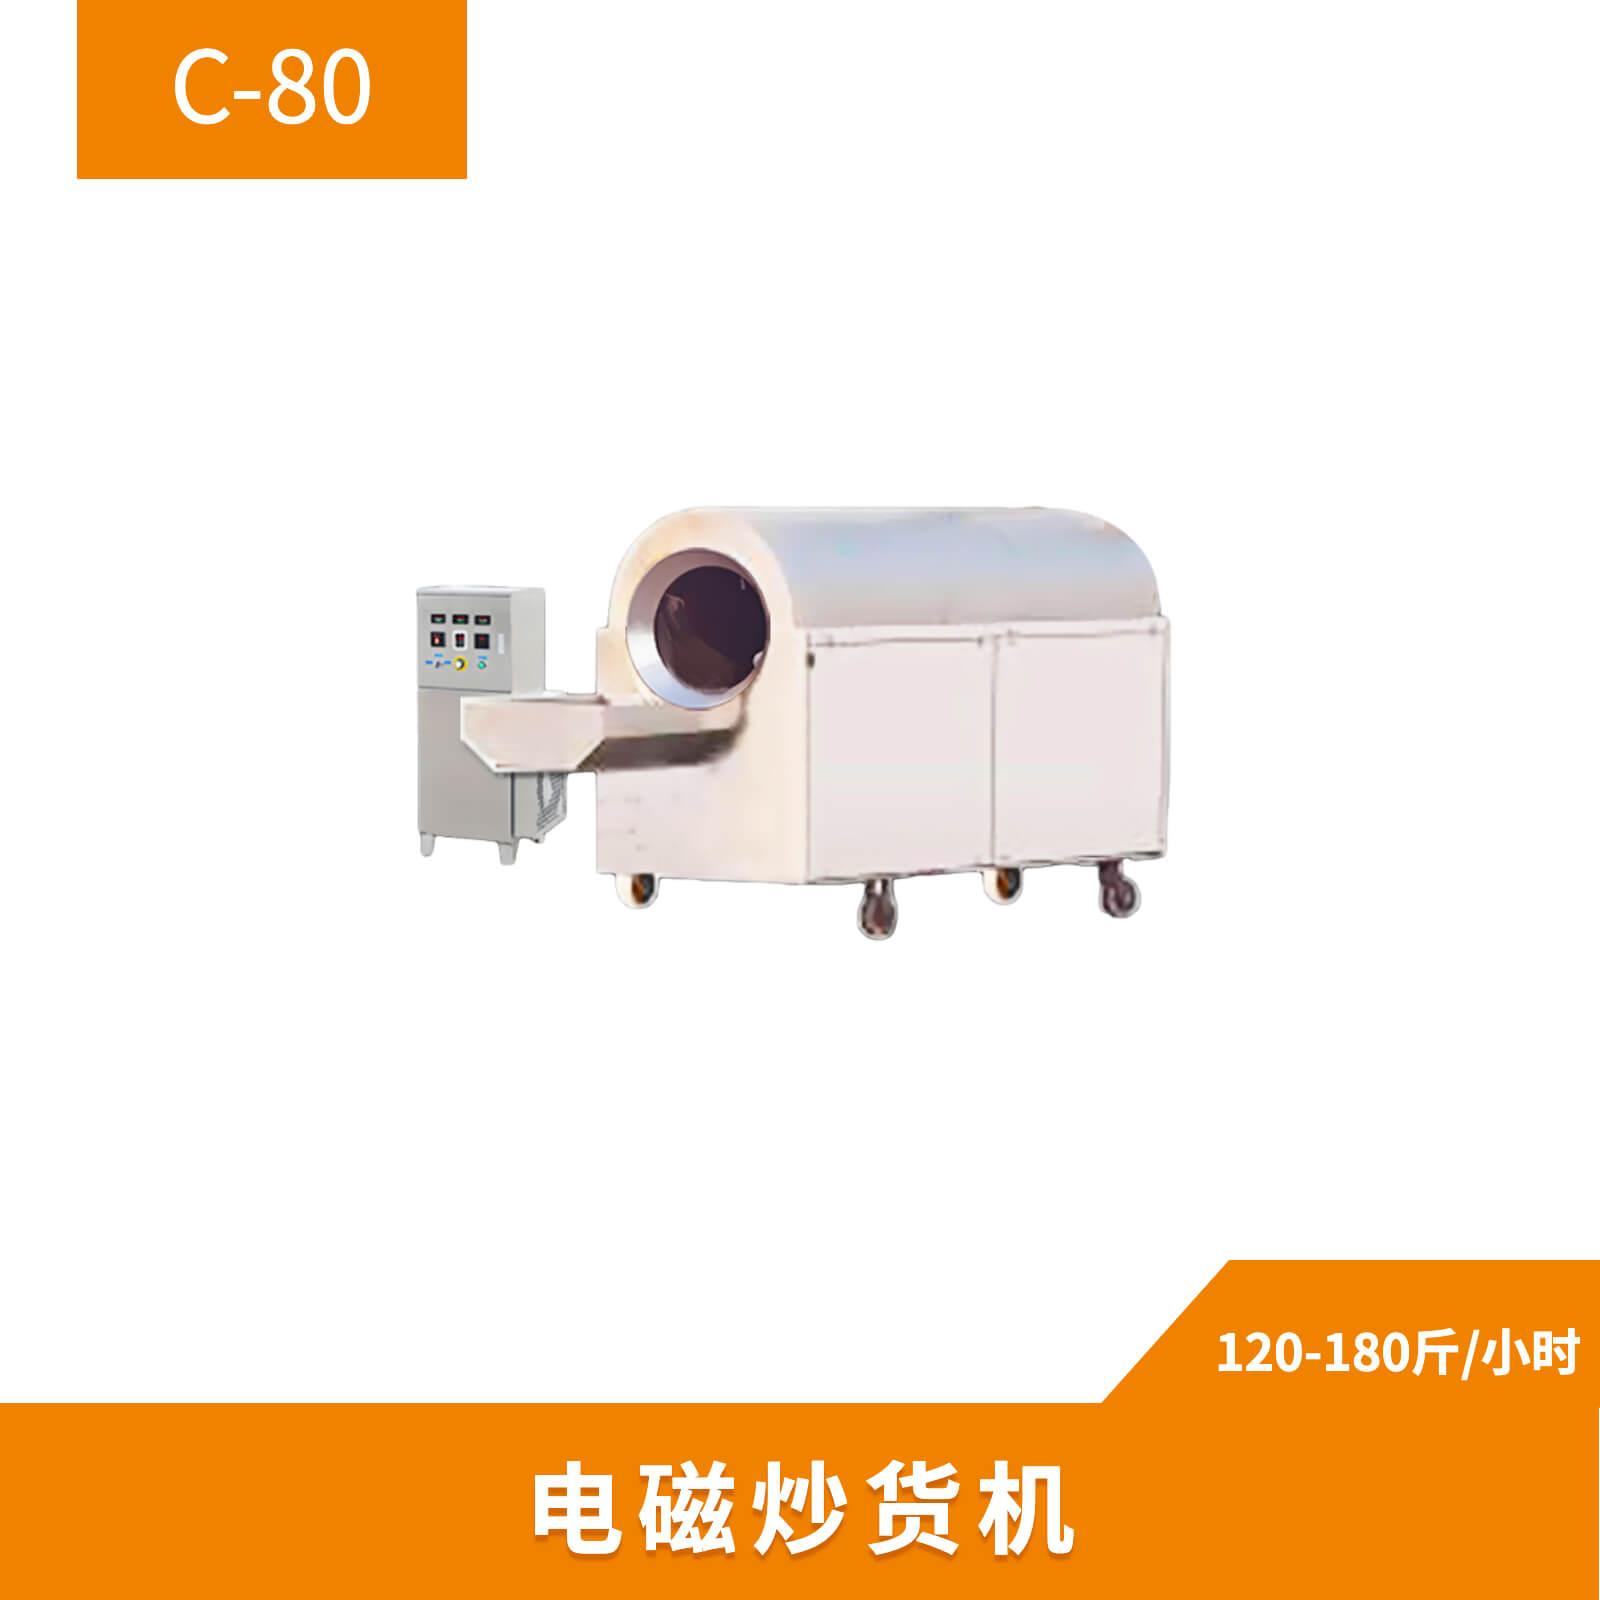 电磁炒货机C-80